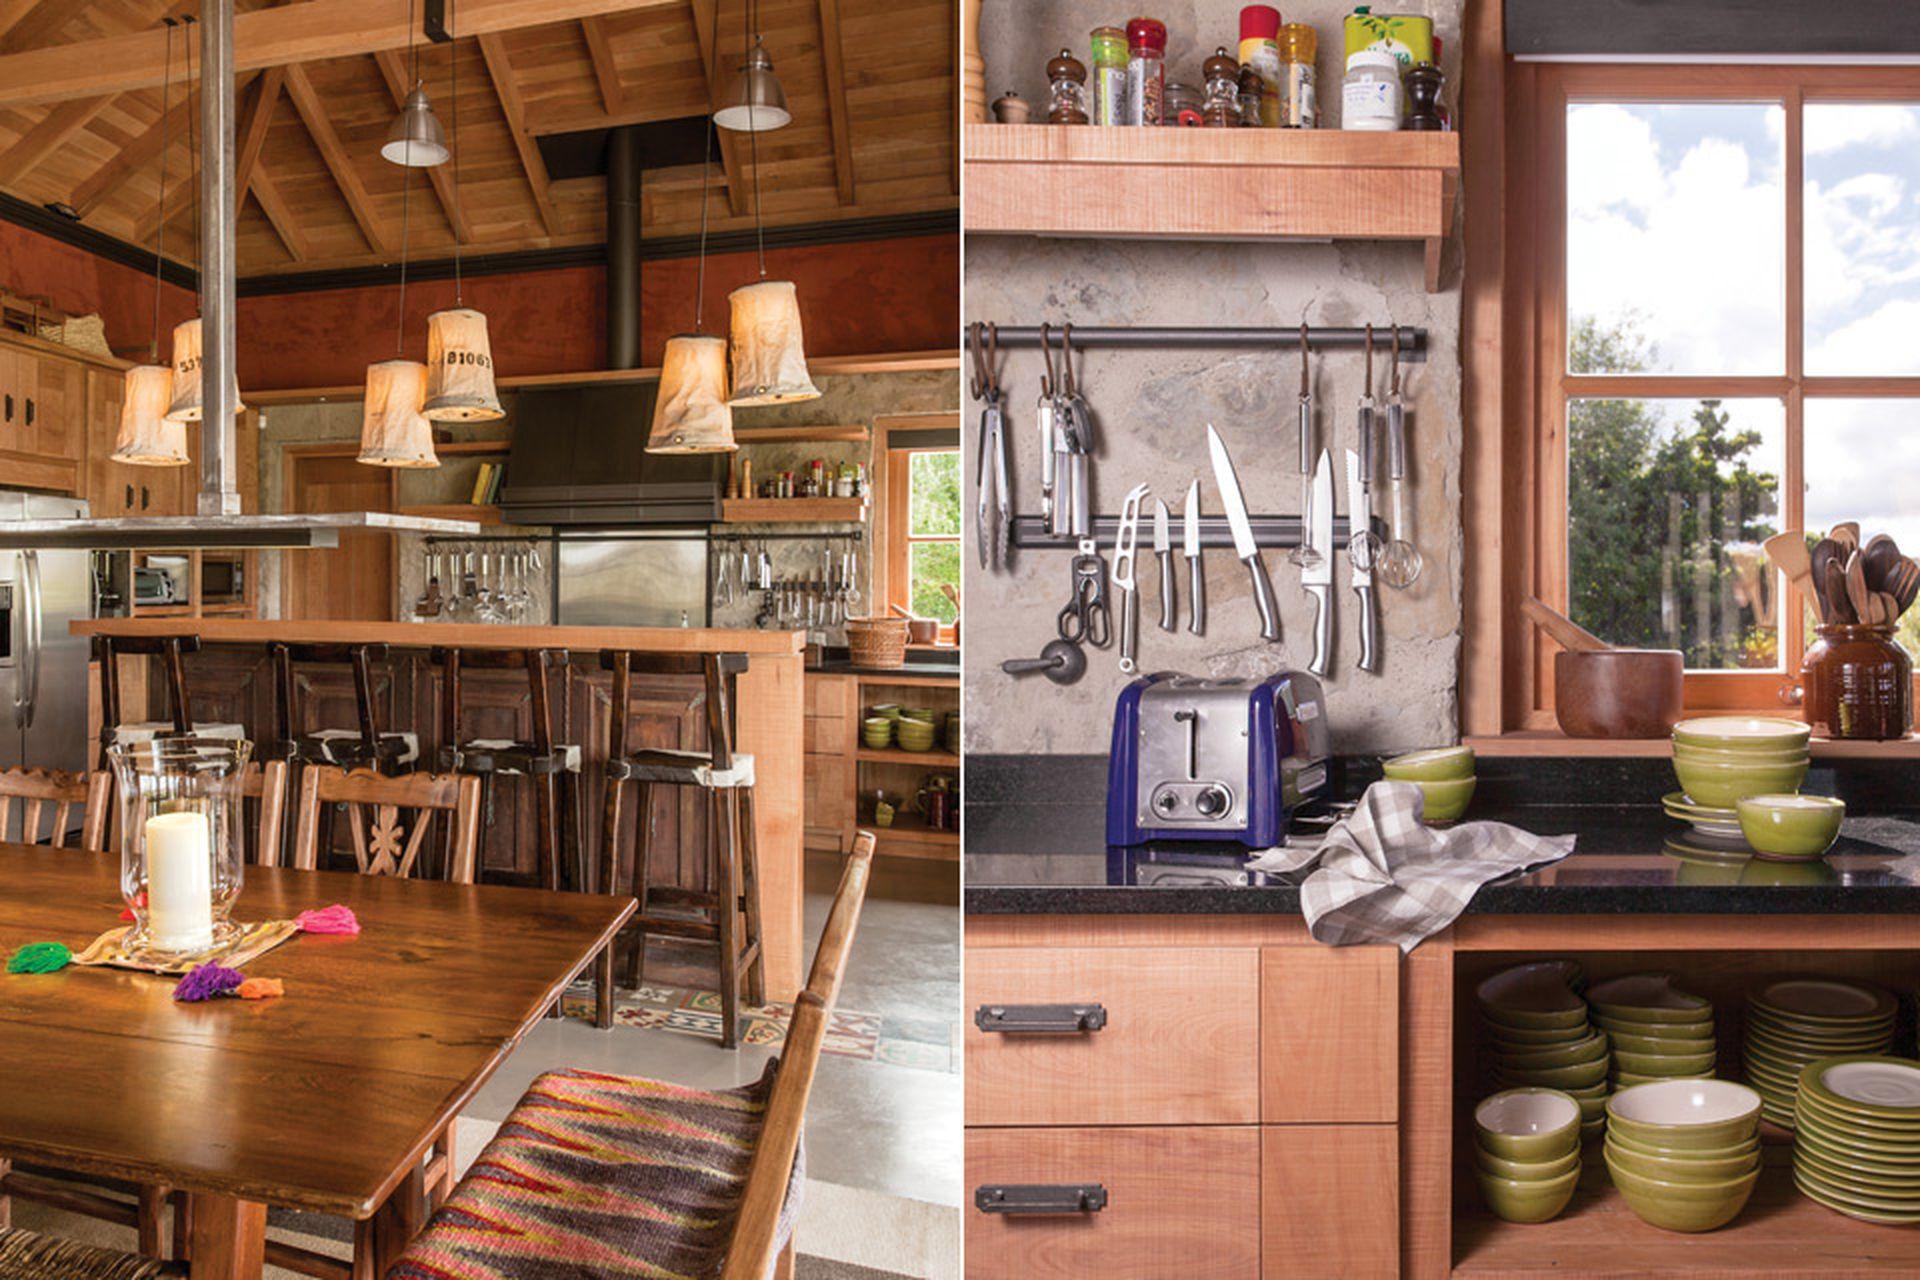 La cocina está en el punto opuesto al living. En medio está el comedor, y las tres zonas conforman un solo ambiente. La cocina se proyectó teniendo en cuenta su practicidad.